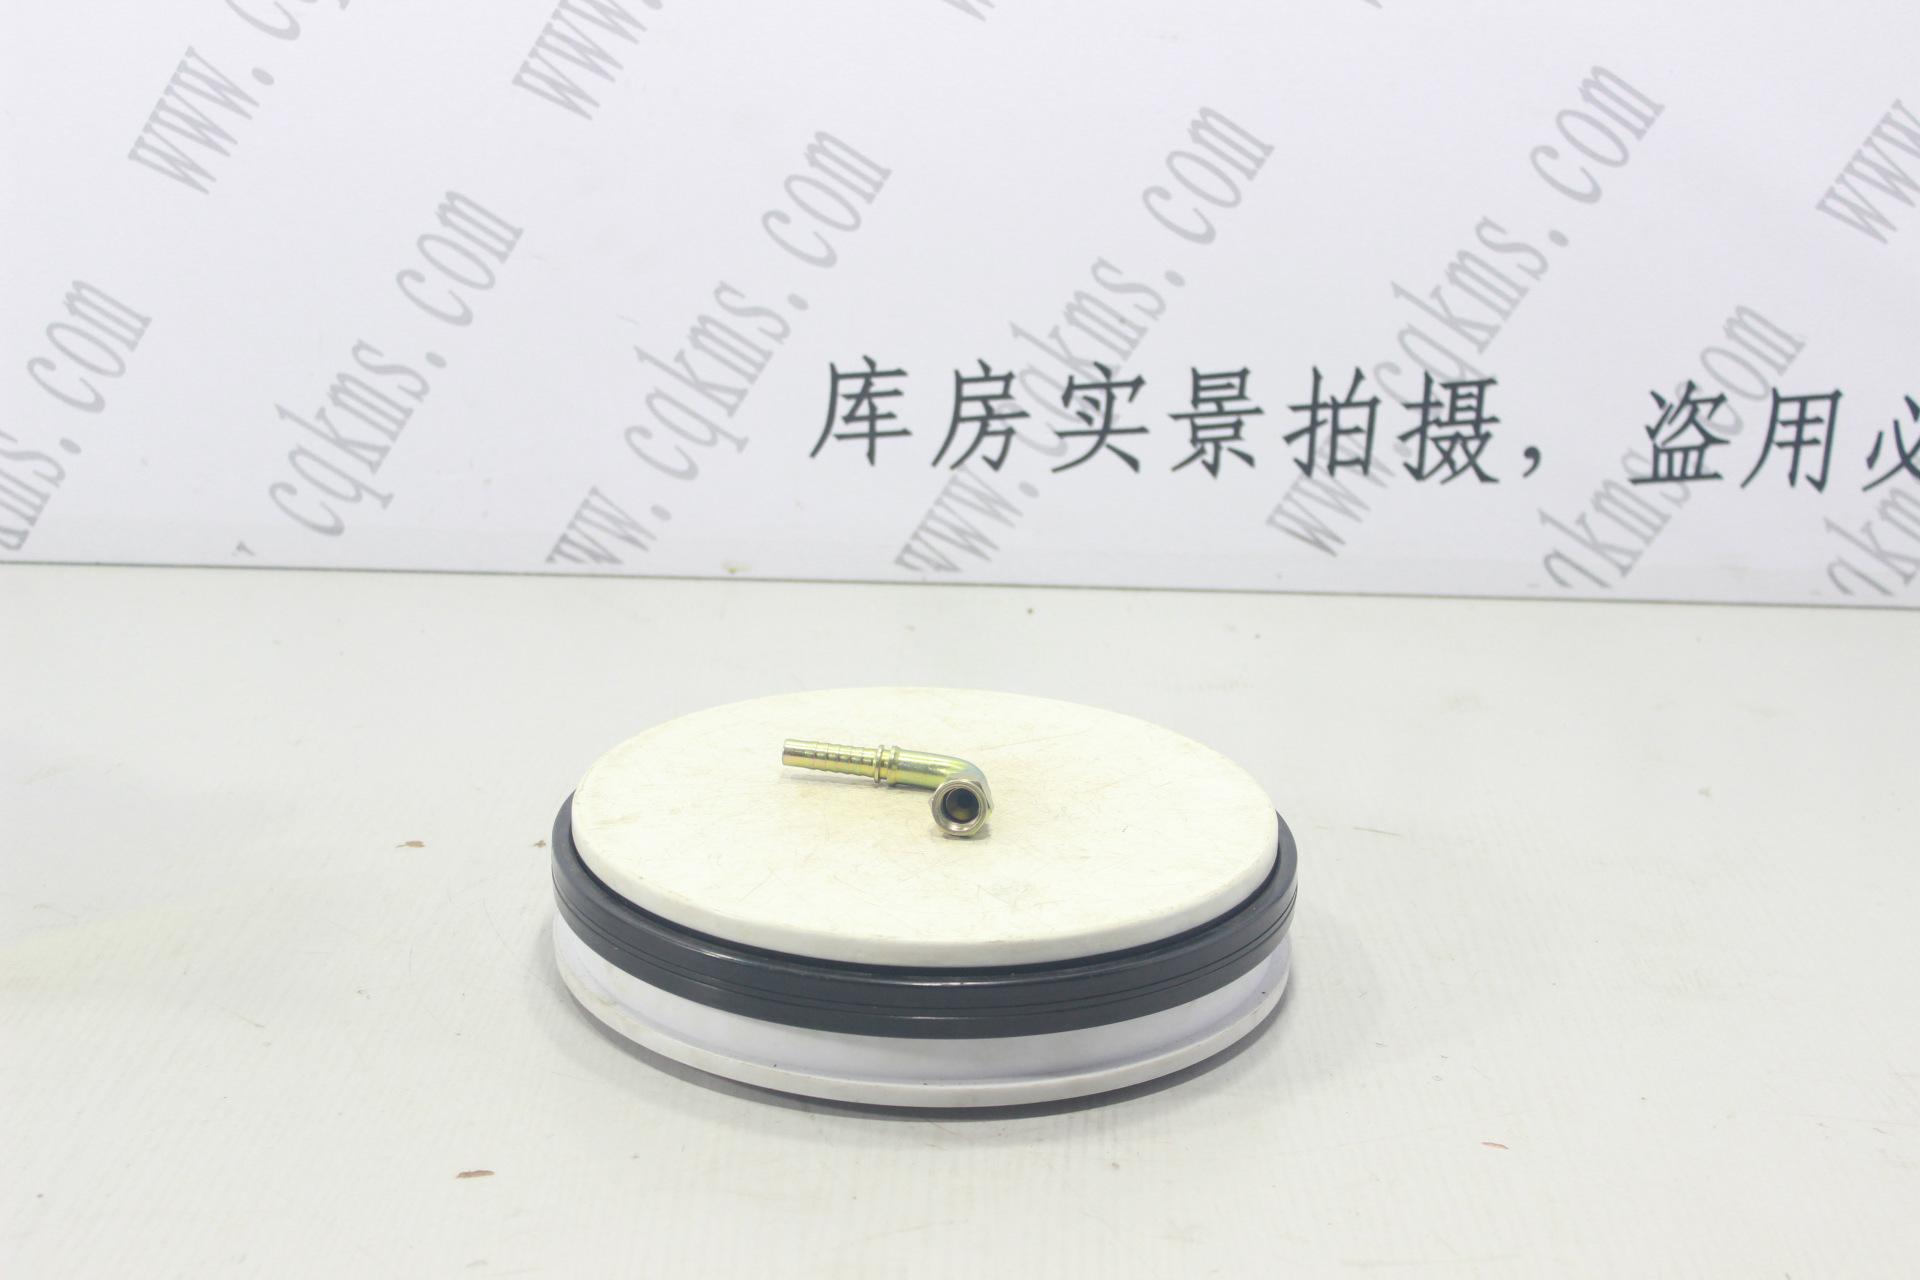 kms02407-500FG-油水分离器---参考规格高30cm,长15cm,宽14cm(含包装)-参考重量2Kg-2Kg图片2